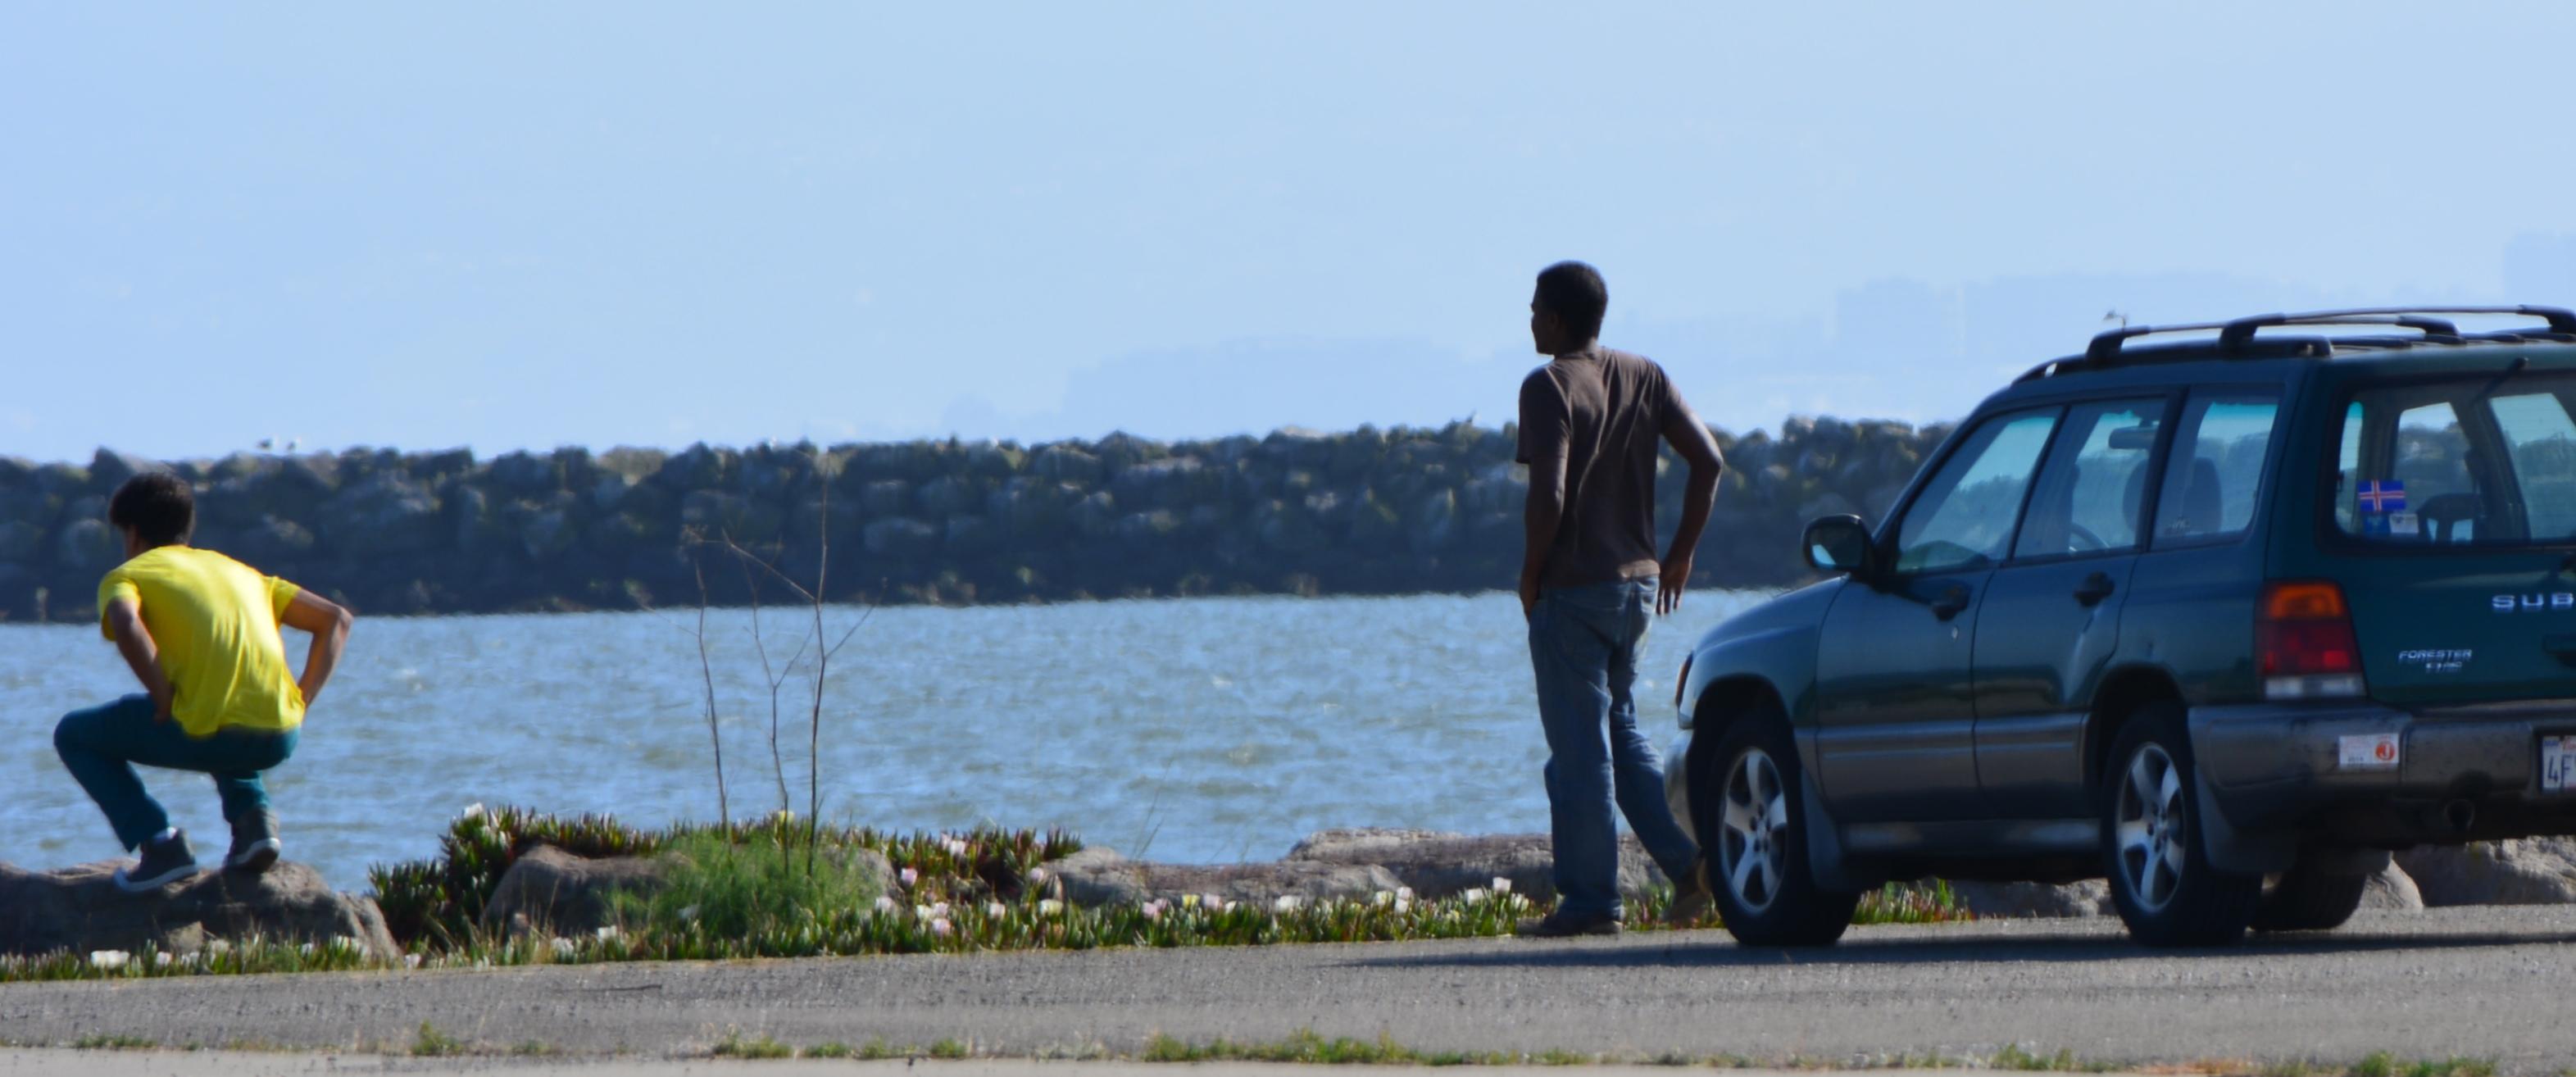 Car visitors to shoreline